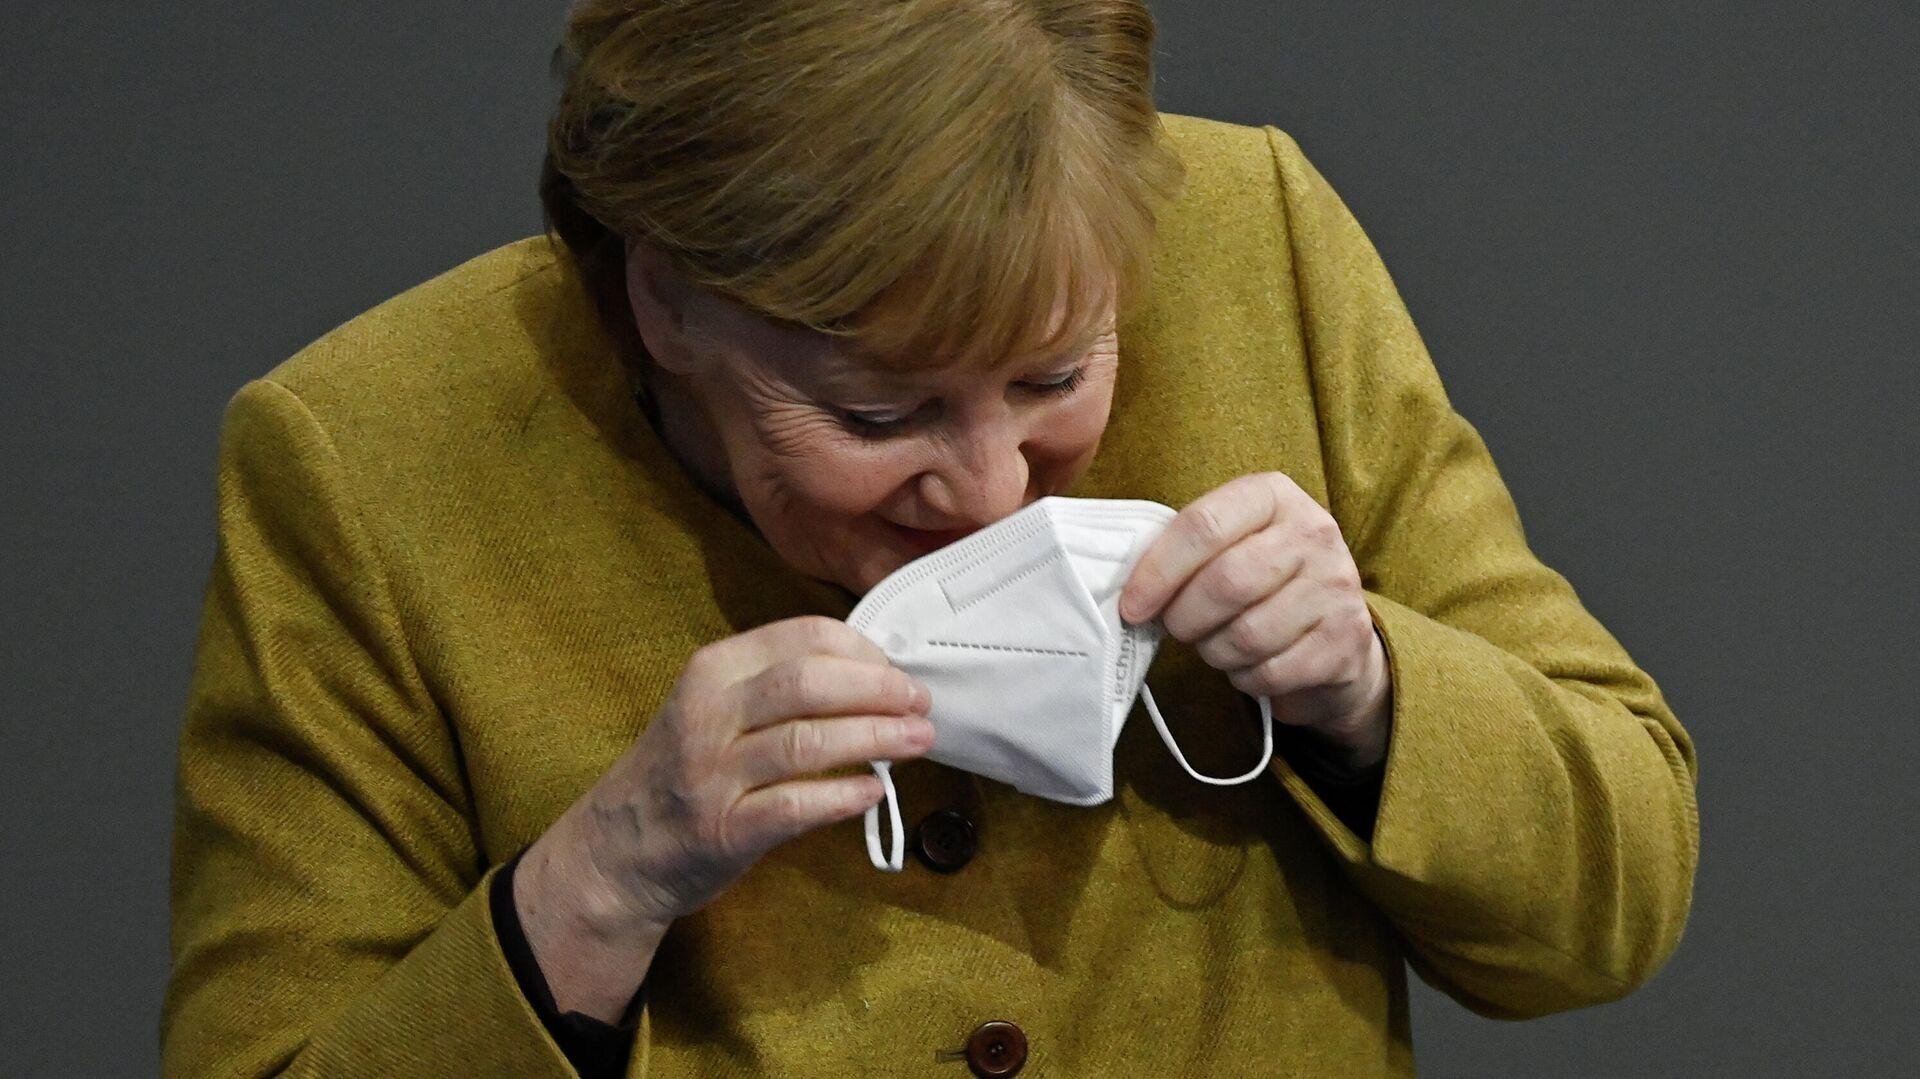 Bundeskanzlerin Angela Merkel lacht, nachdem sie ihre Gesichtsmaske auf dem Rednerpult im Bundestag vergessen hatte, den 11. Februar 2021 in Berlin. - SNA, 1920, 16.02.2021